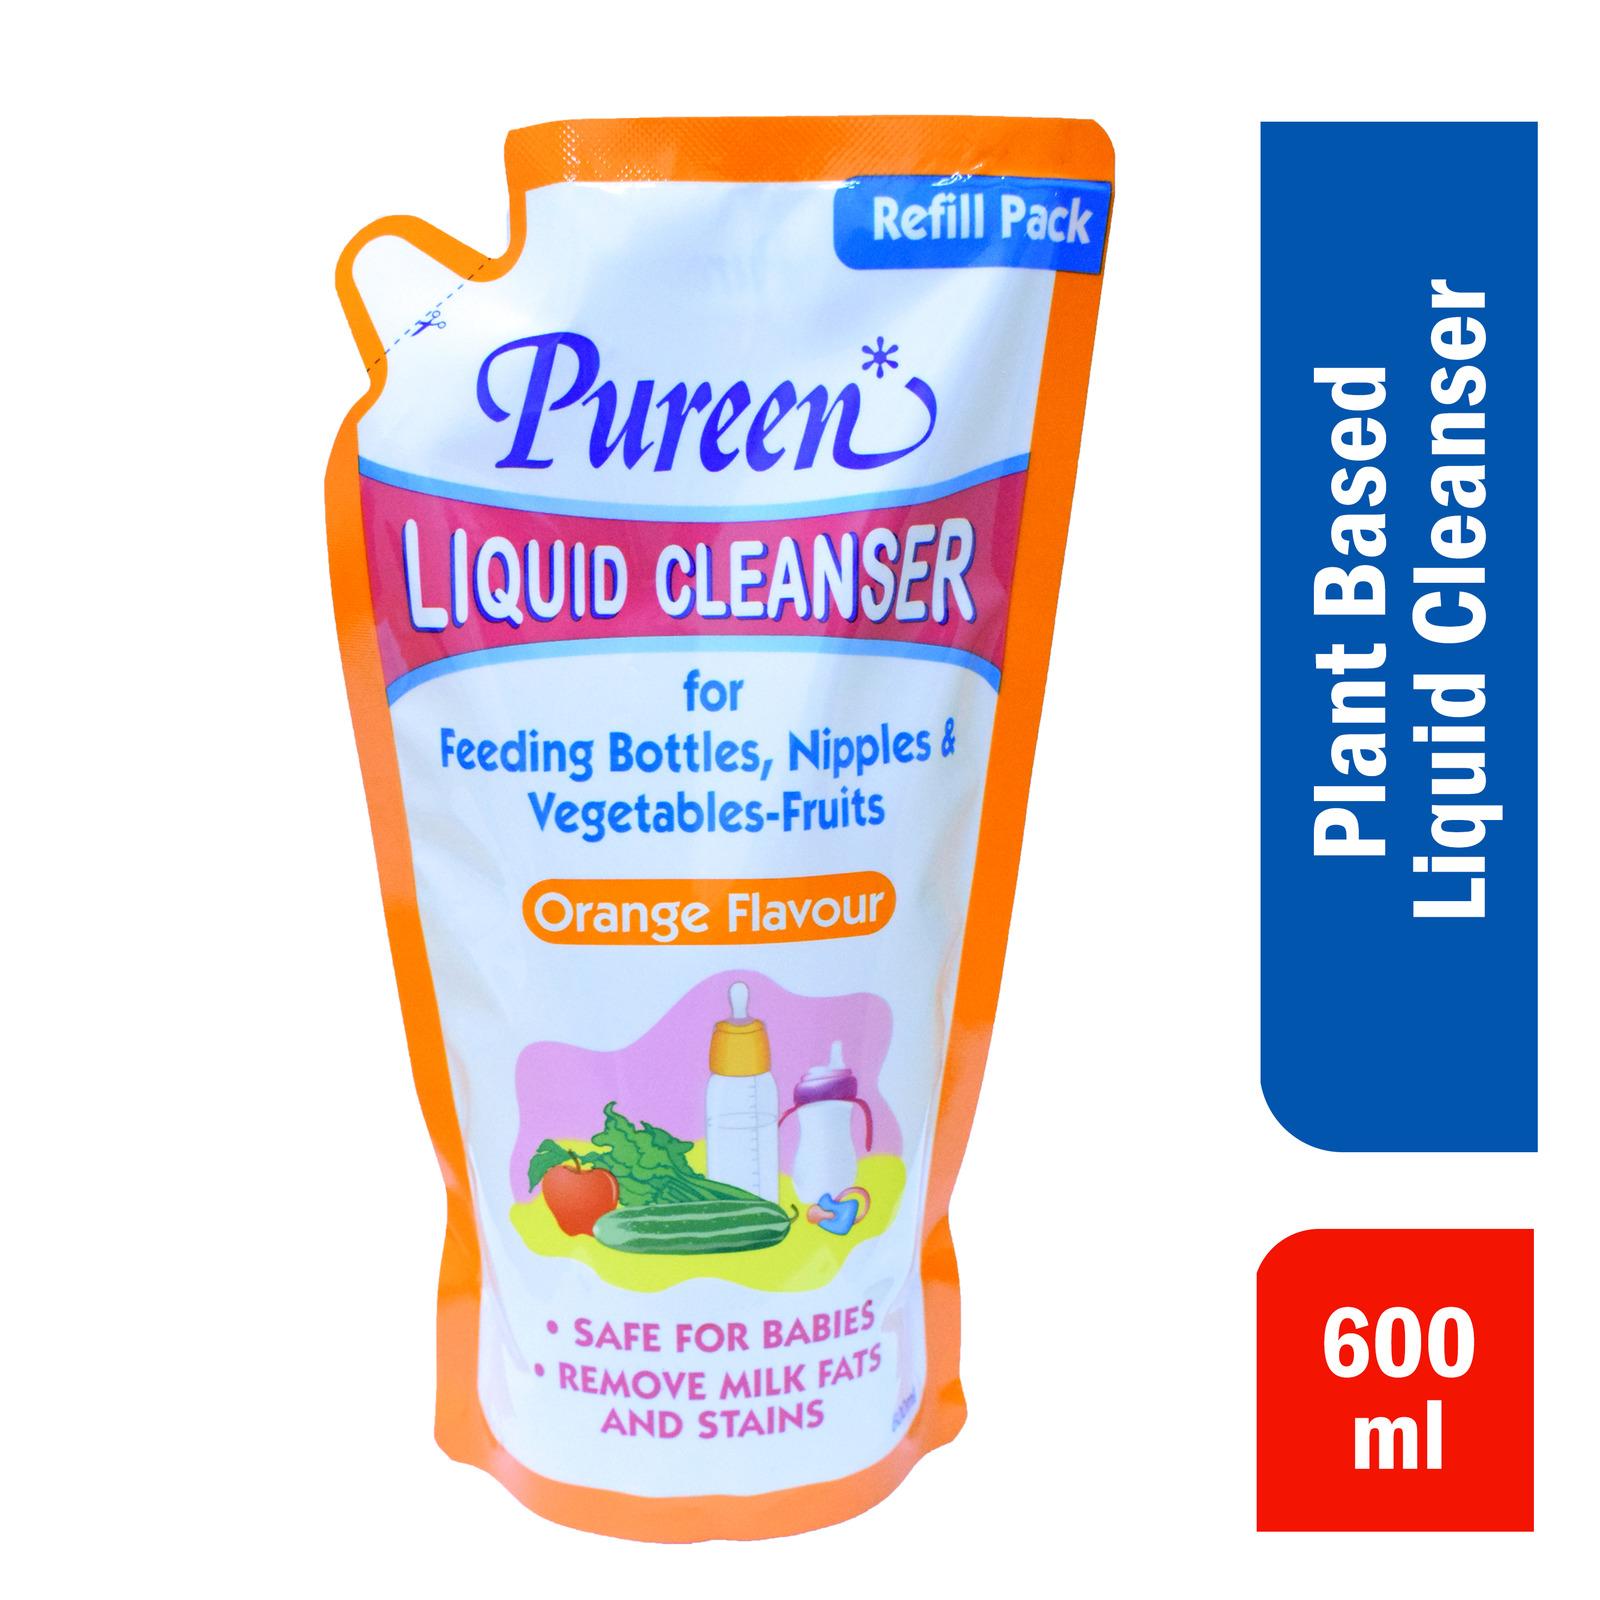 Pureen Liquid Cleanser Refill - Orange